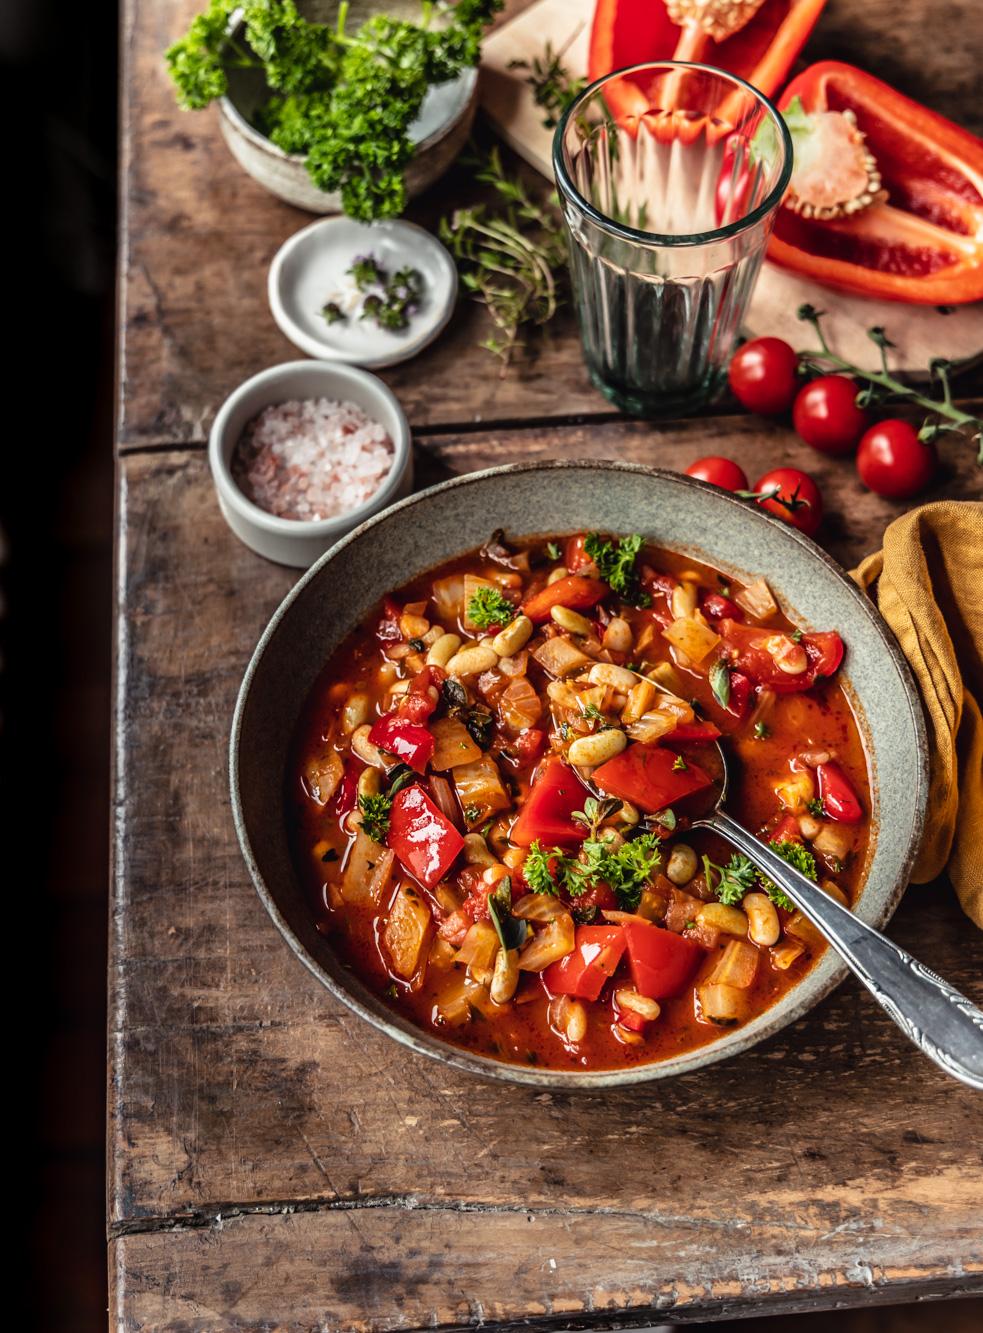 Fennel bean stew